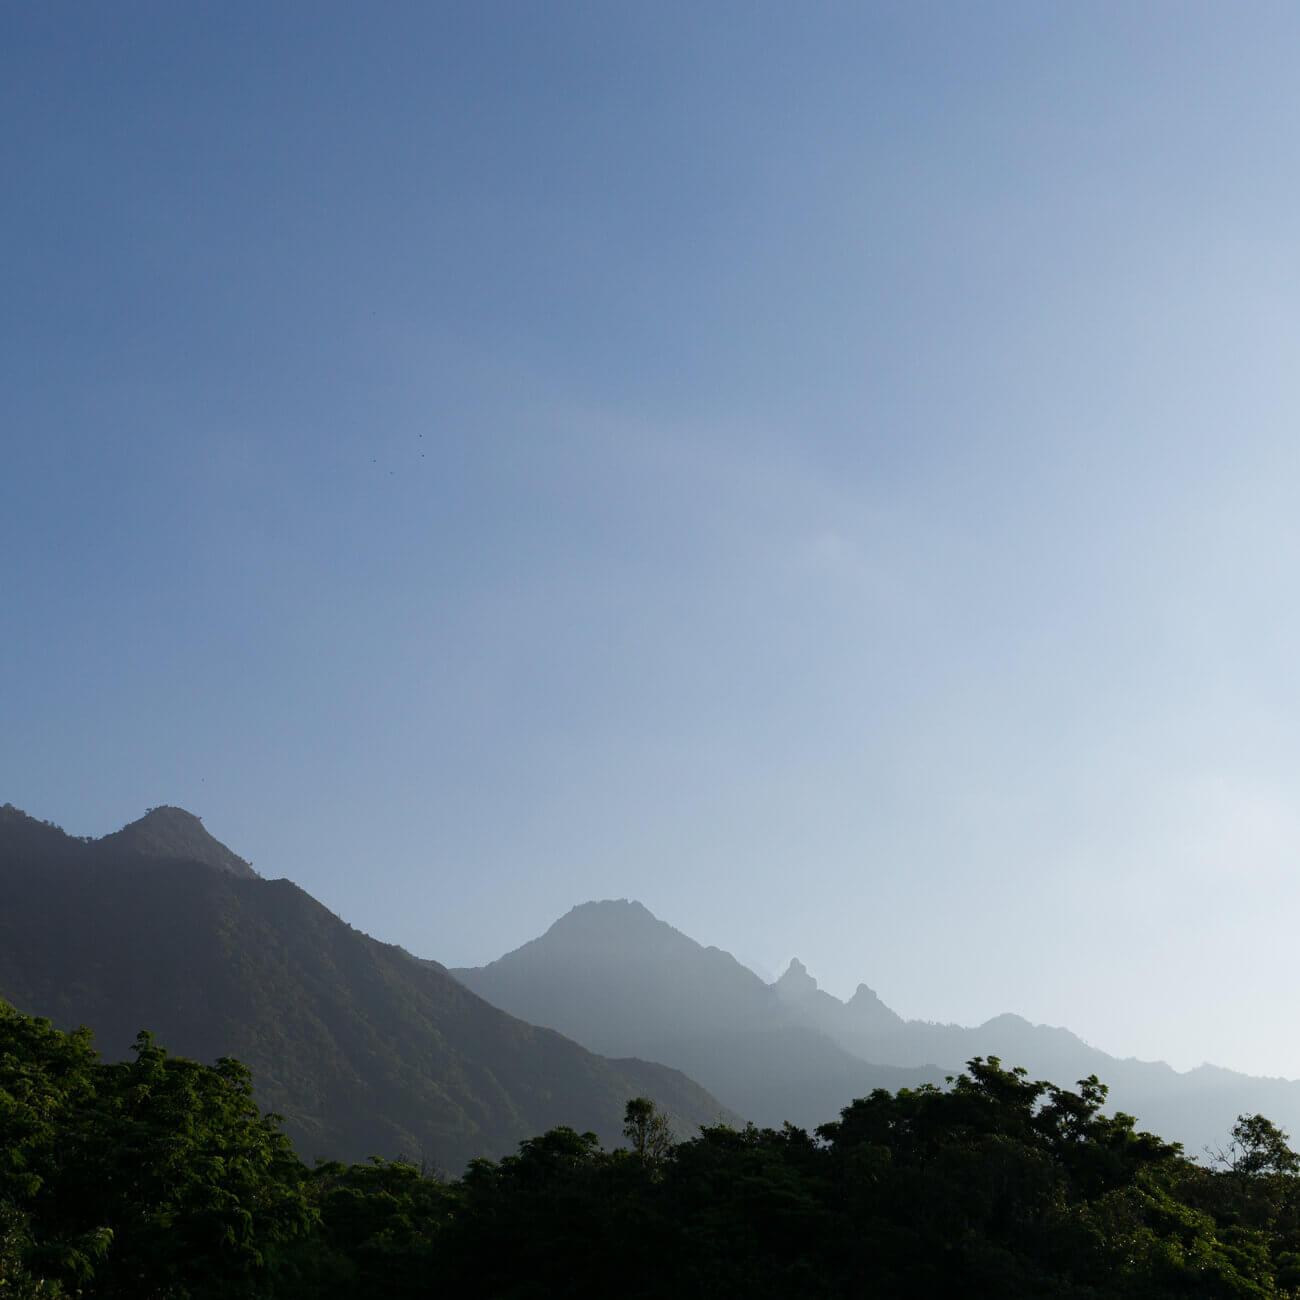 屋久島の山々、朝の空 屋久島日々の暮らしとジュエリー オーダーメイドマリッジリングのモチーフ